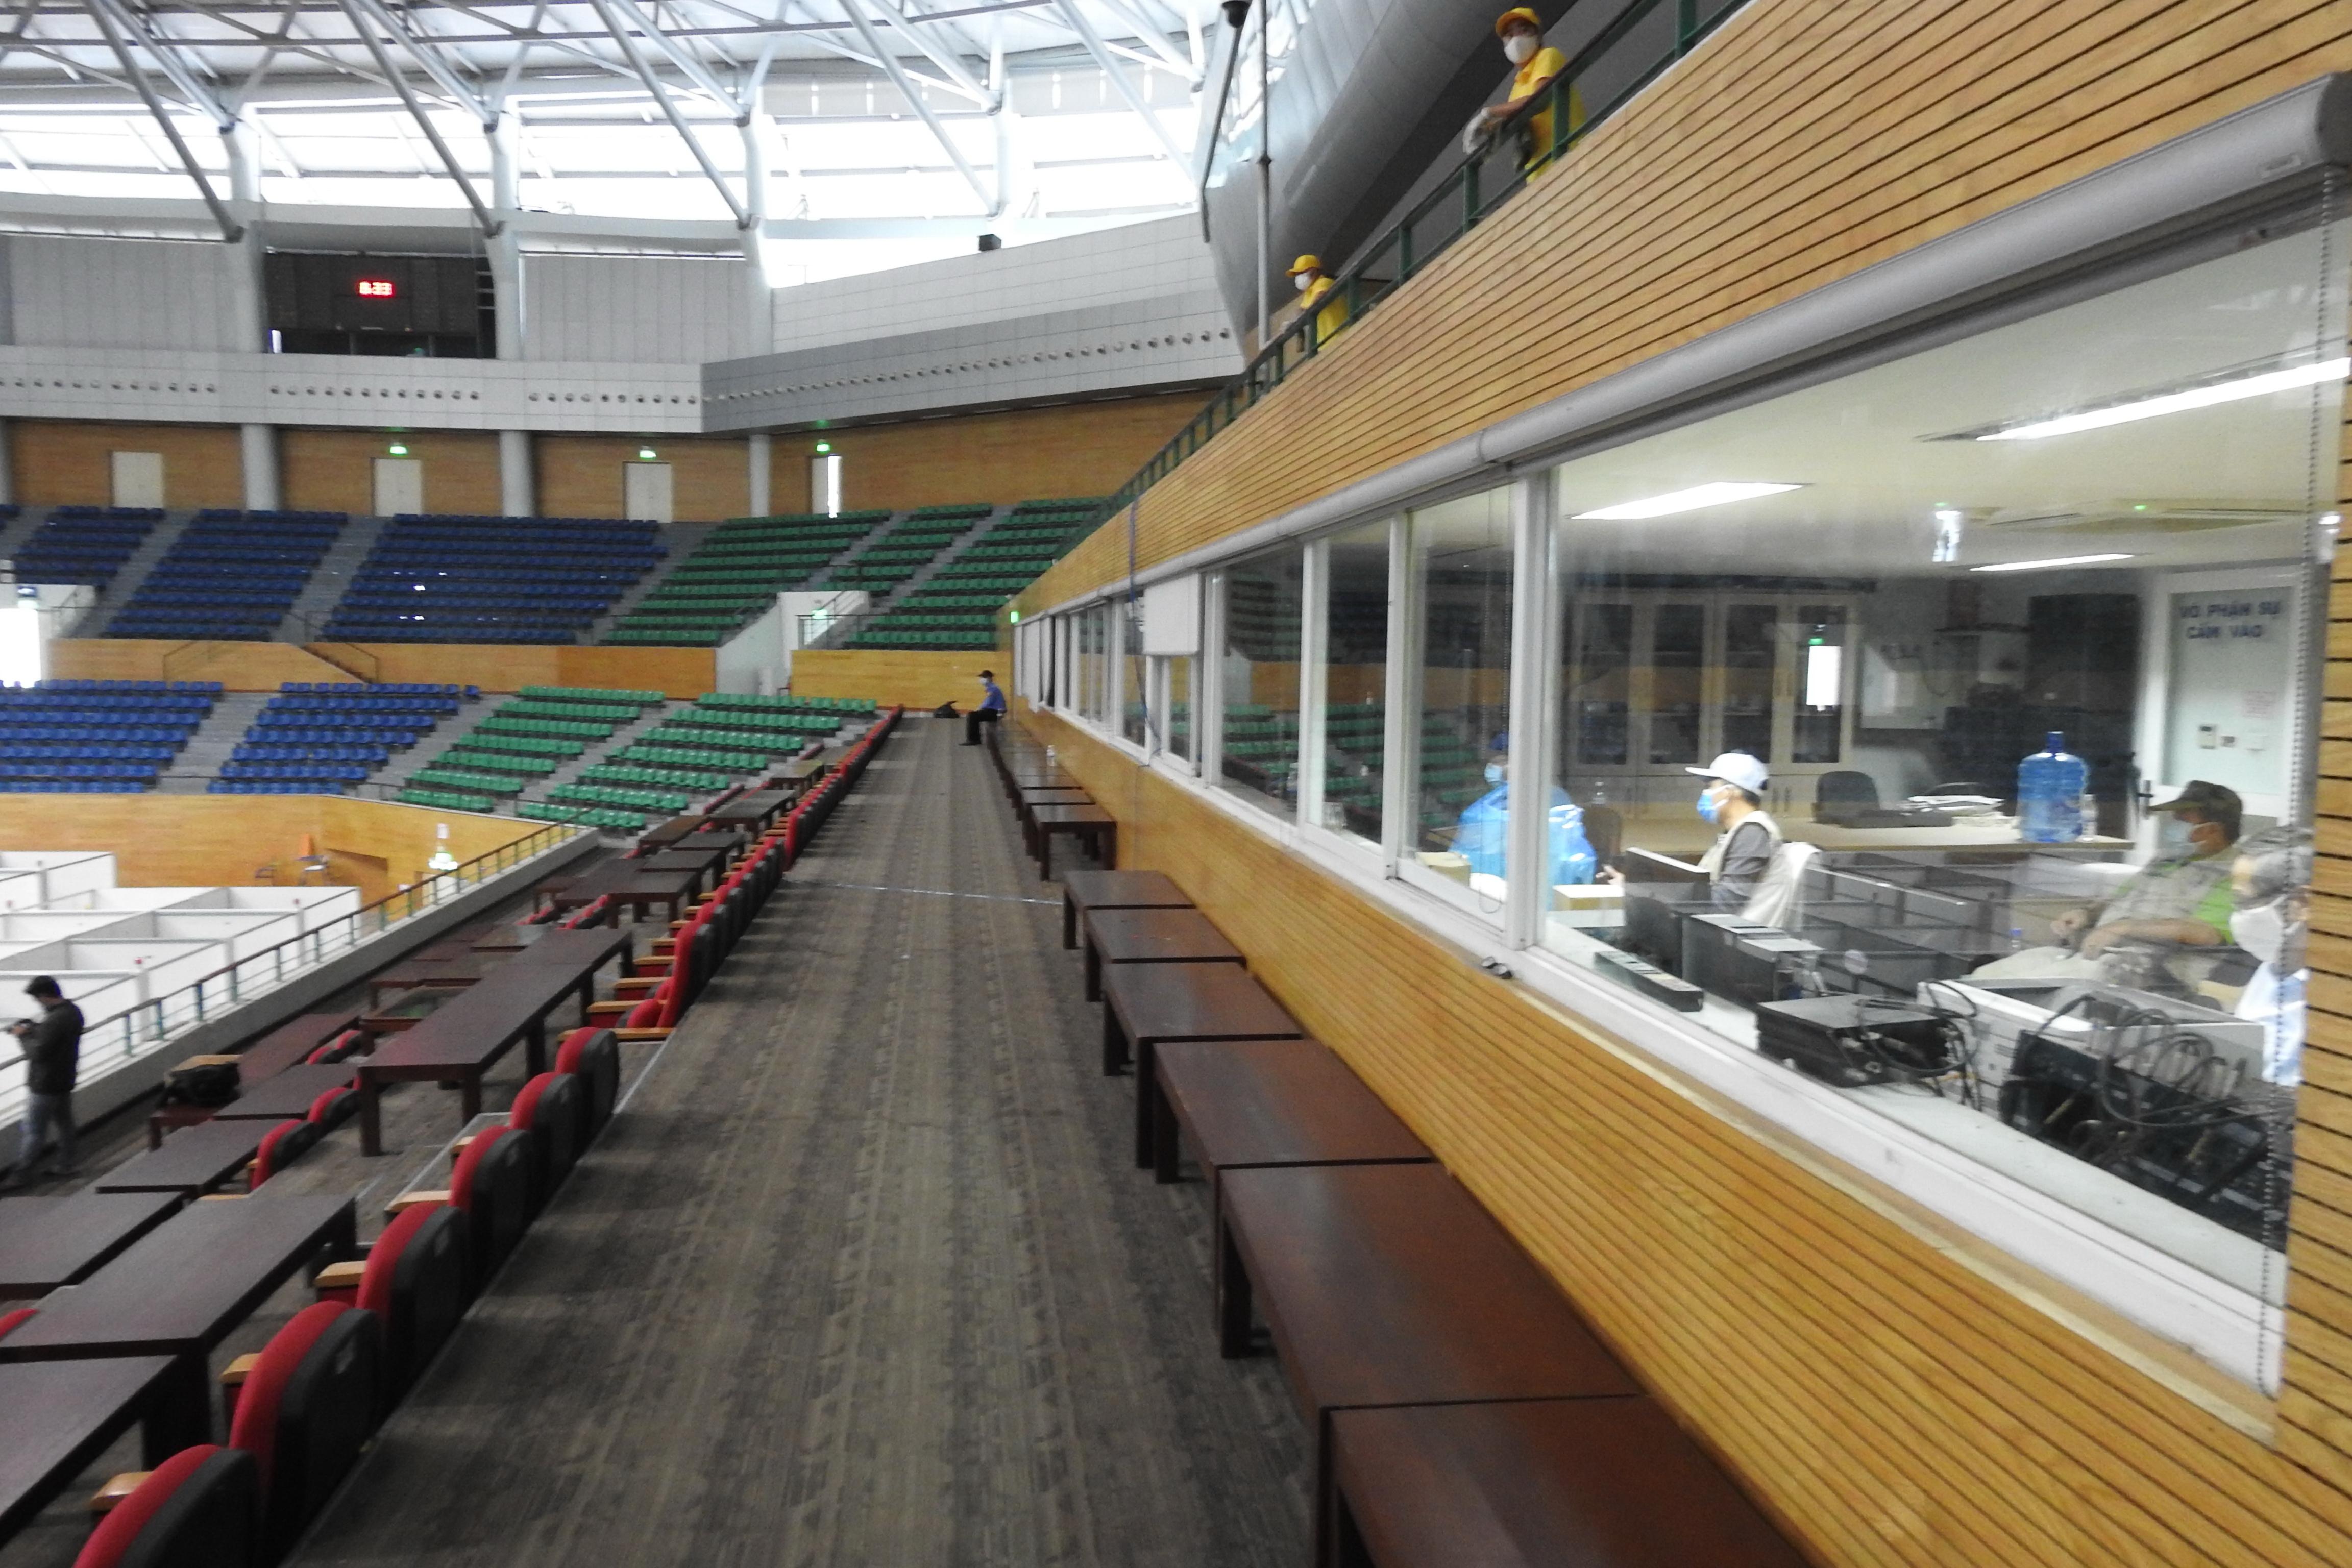 Với sức chứa 6.000 khán giả, căn cứ vào diễn biến dịch bệnh diện tích còn lại của Cung thể thao Tiên Sơn sẽ được nâng cấp thêm từ 1.500 đến 2.000 giường vào các giai đoạn tiếp theo. Ảnh Bình Nguyên.